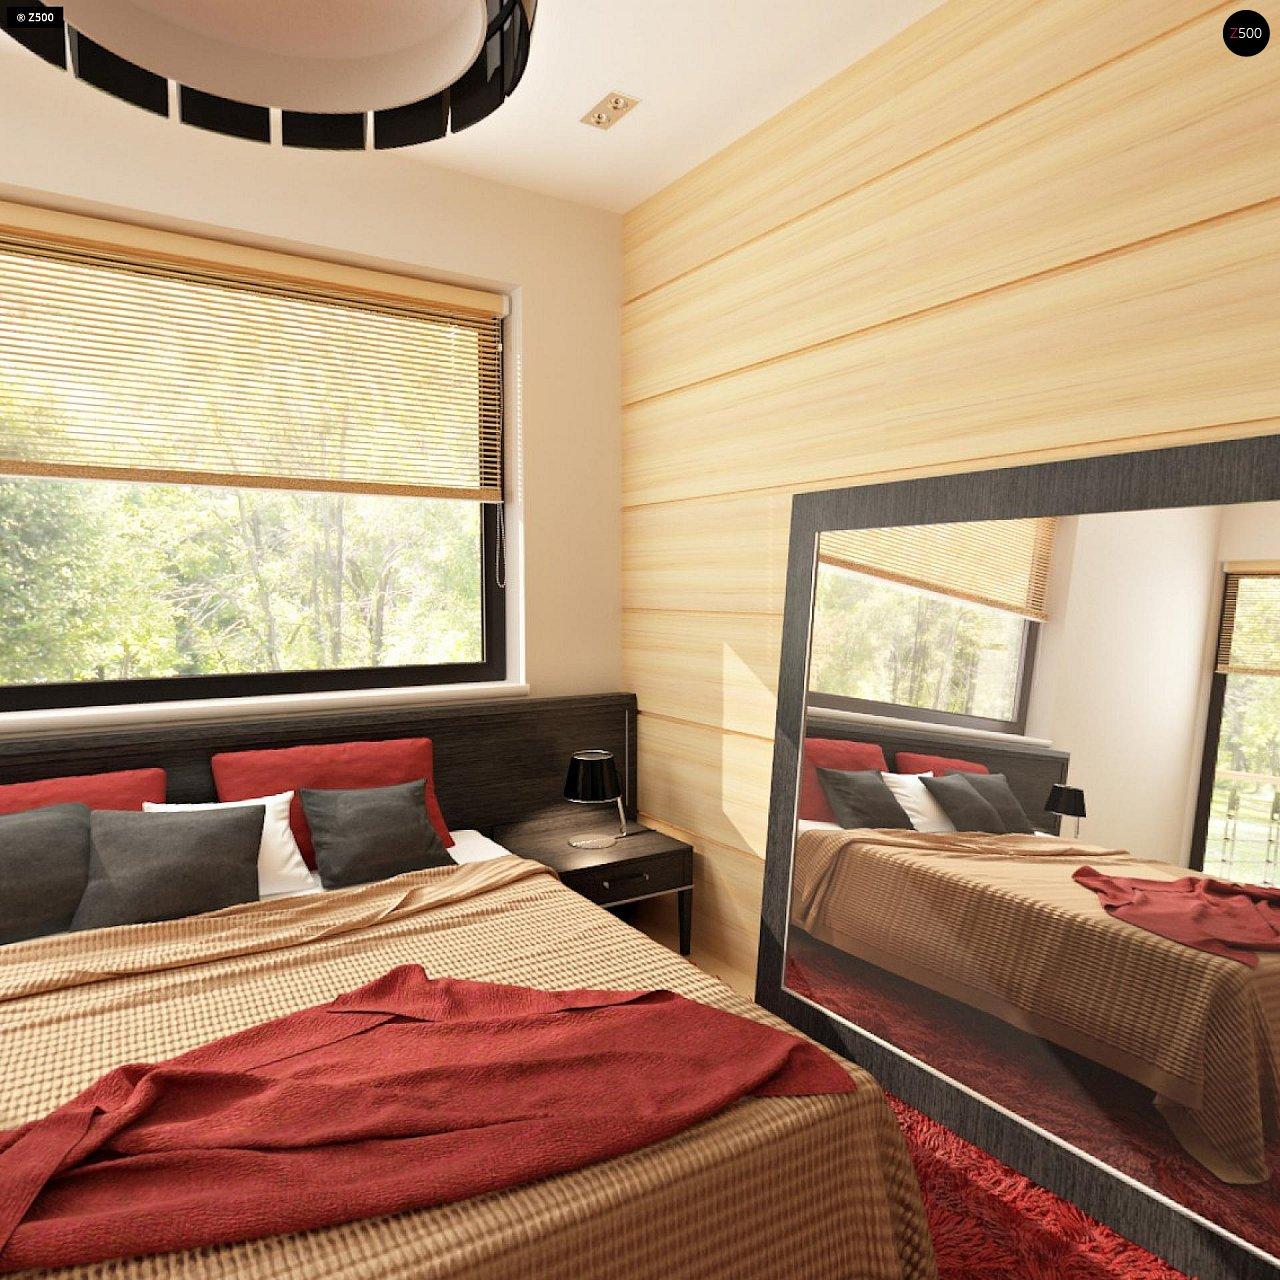 Версия двухэтажного дома Zx24 c увеличенным гаражом для двух машин 15